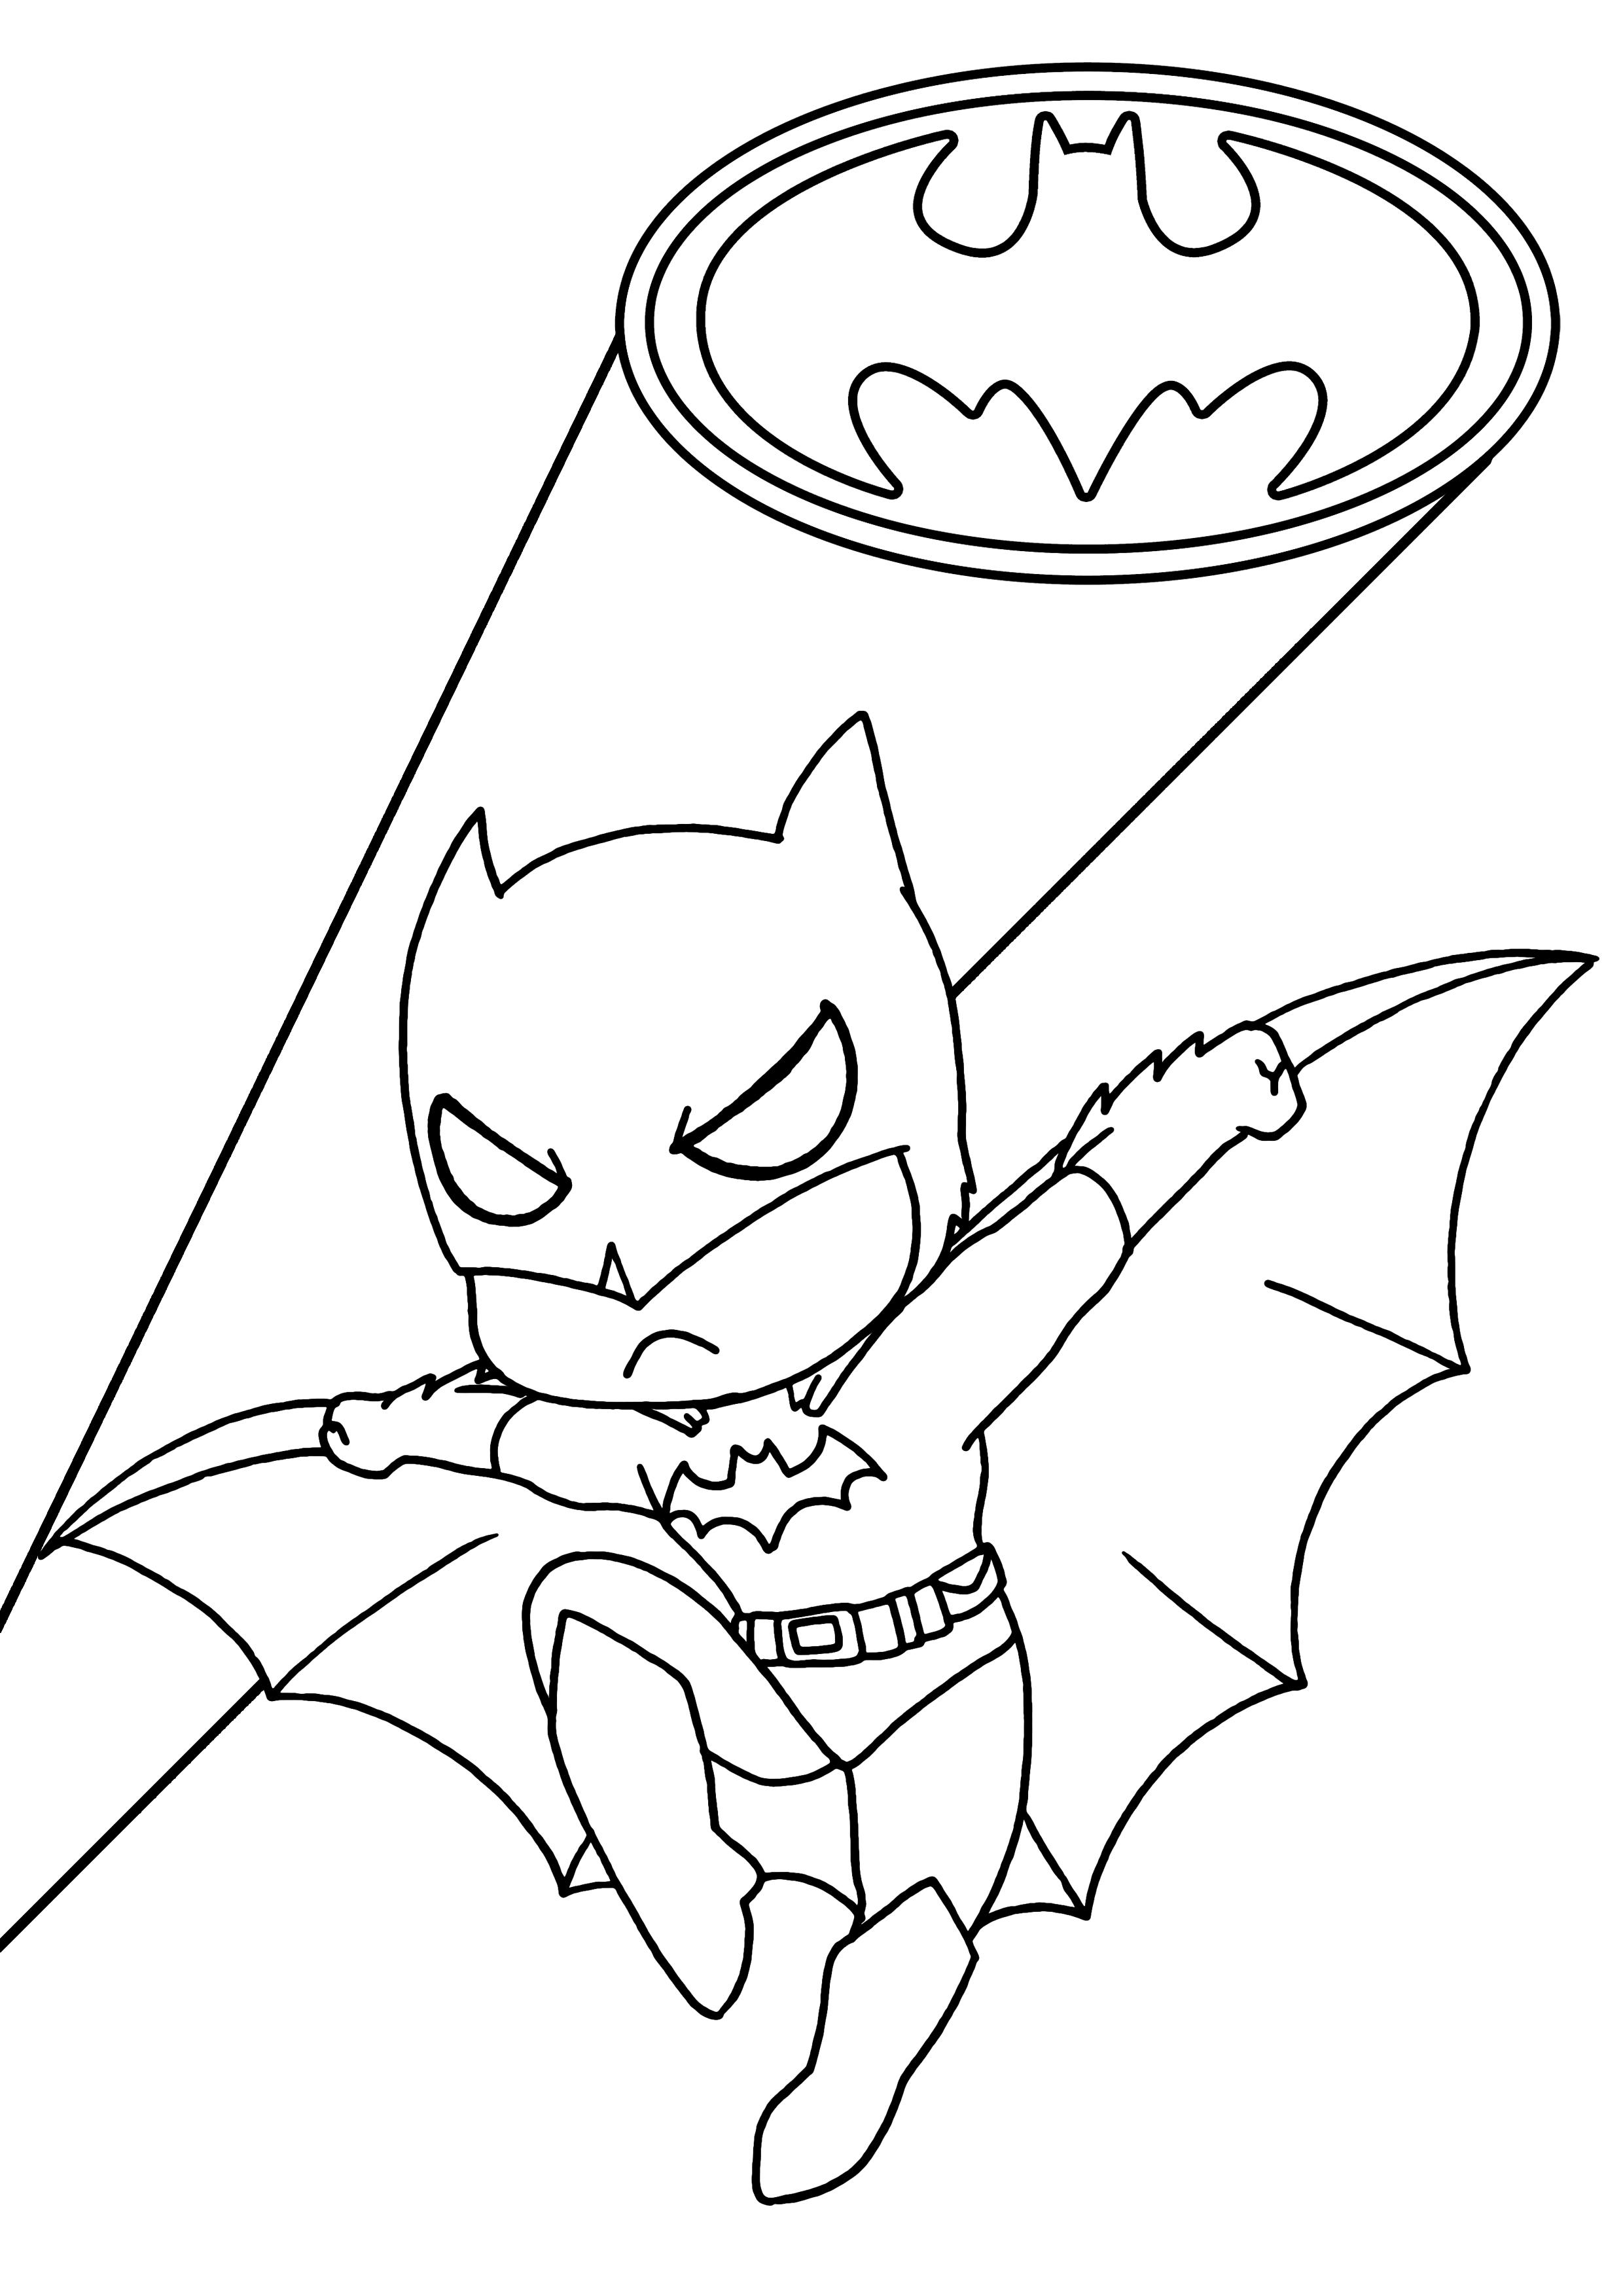 Coloriage Batman enfant à imprimer sur COLORIAGES .info